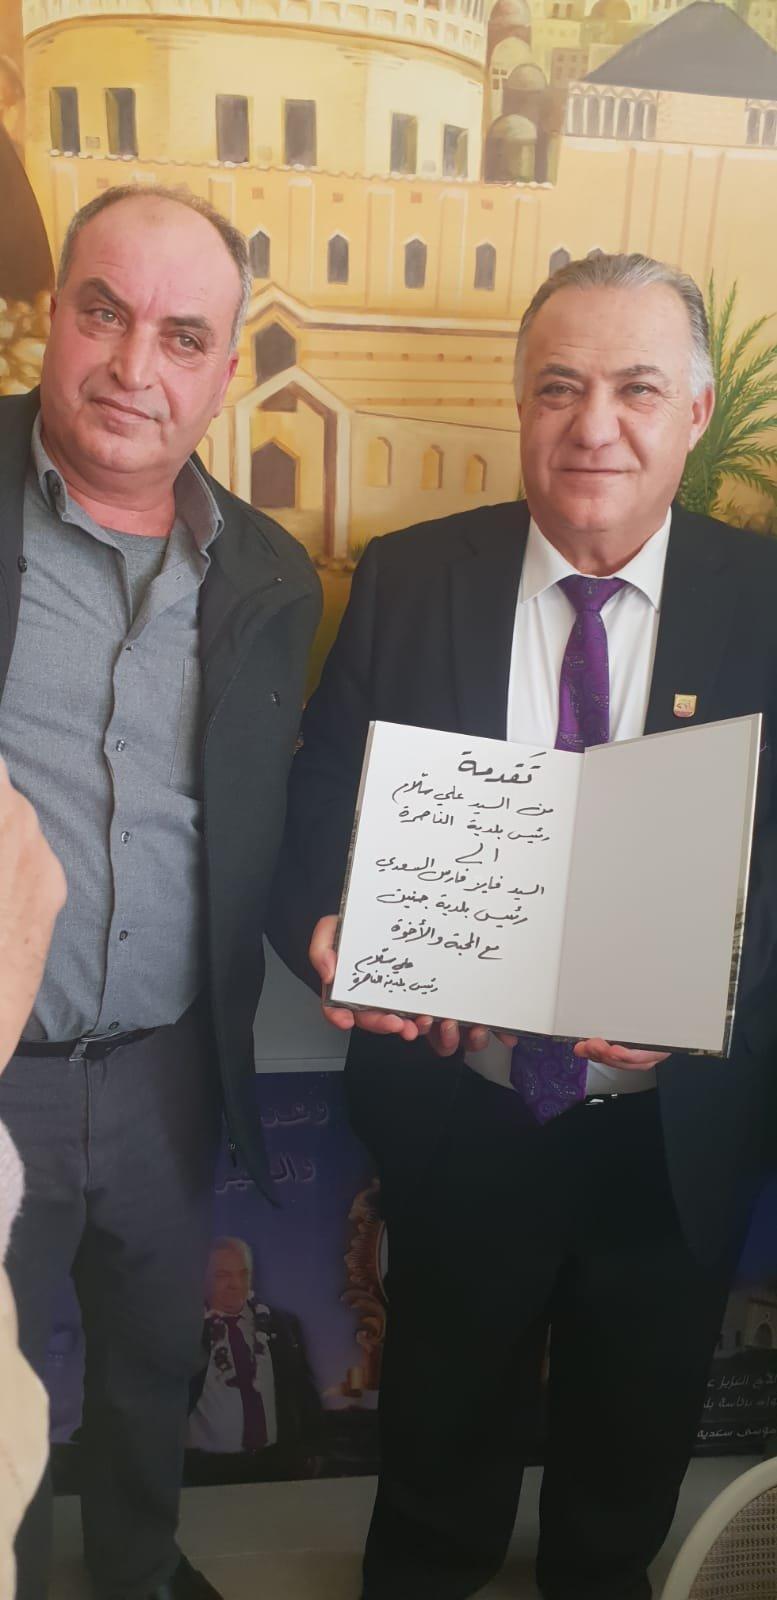 رئيس بلدية جنين فايز السعدي وأعضاء بلدية يزورون بلدية الناصرة-12